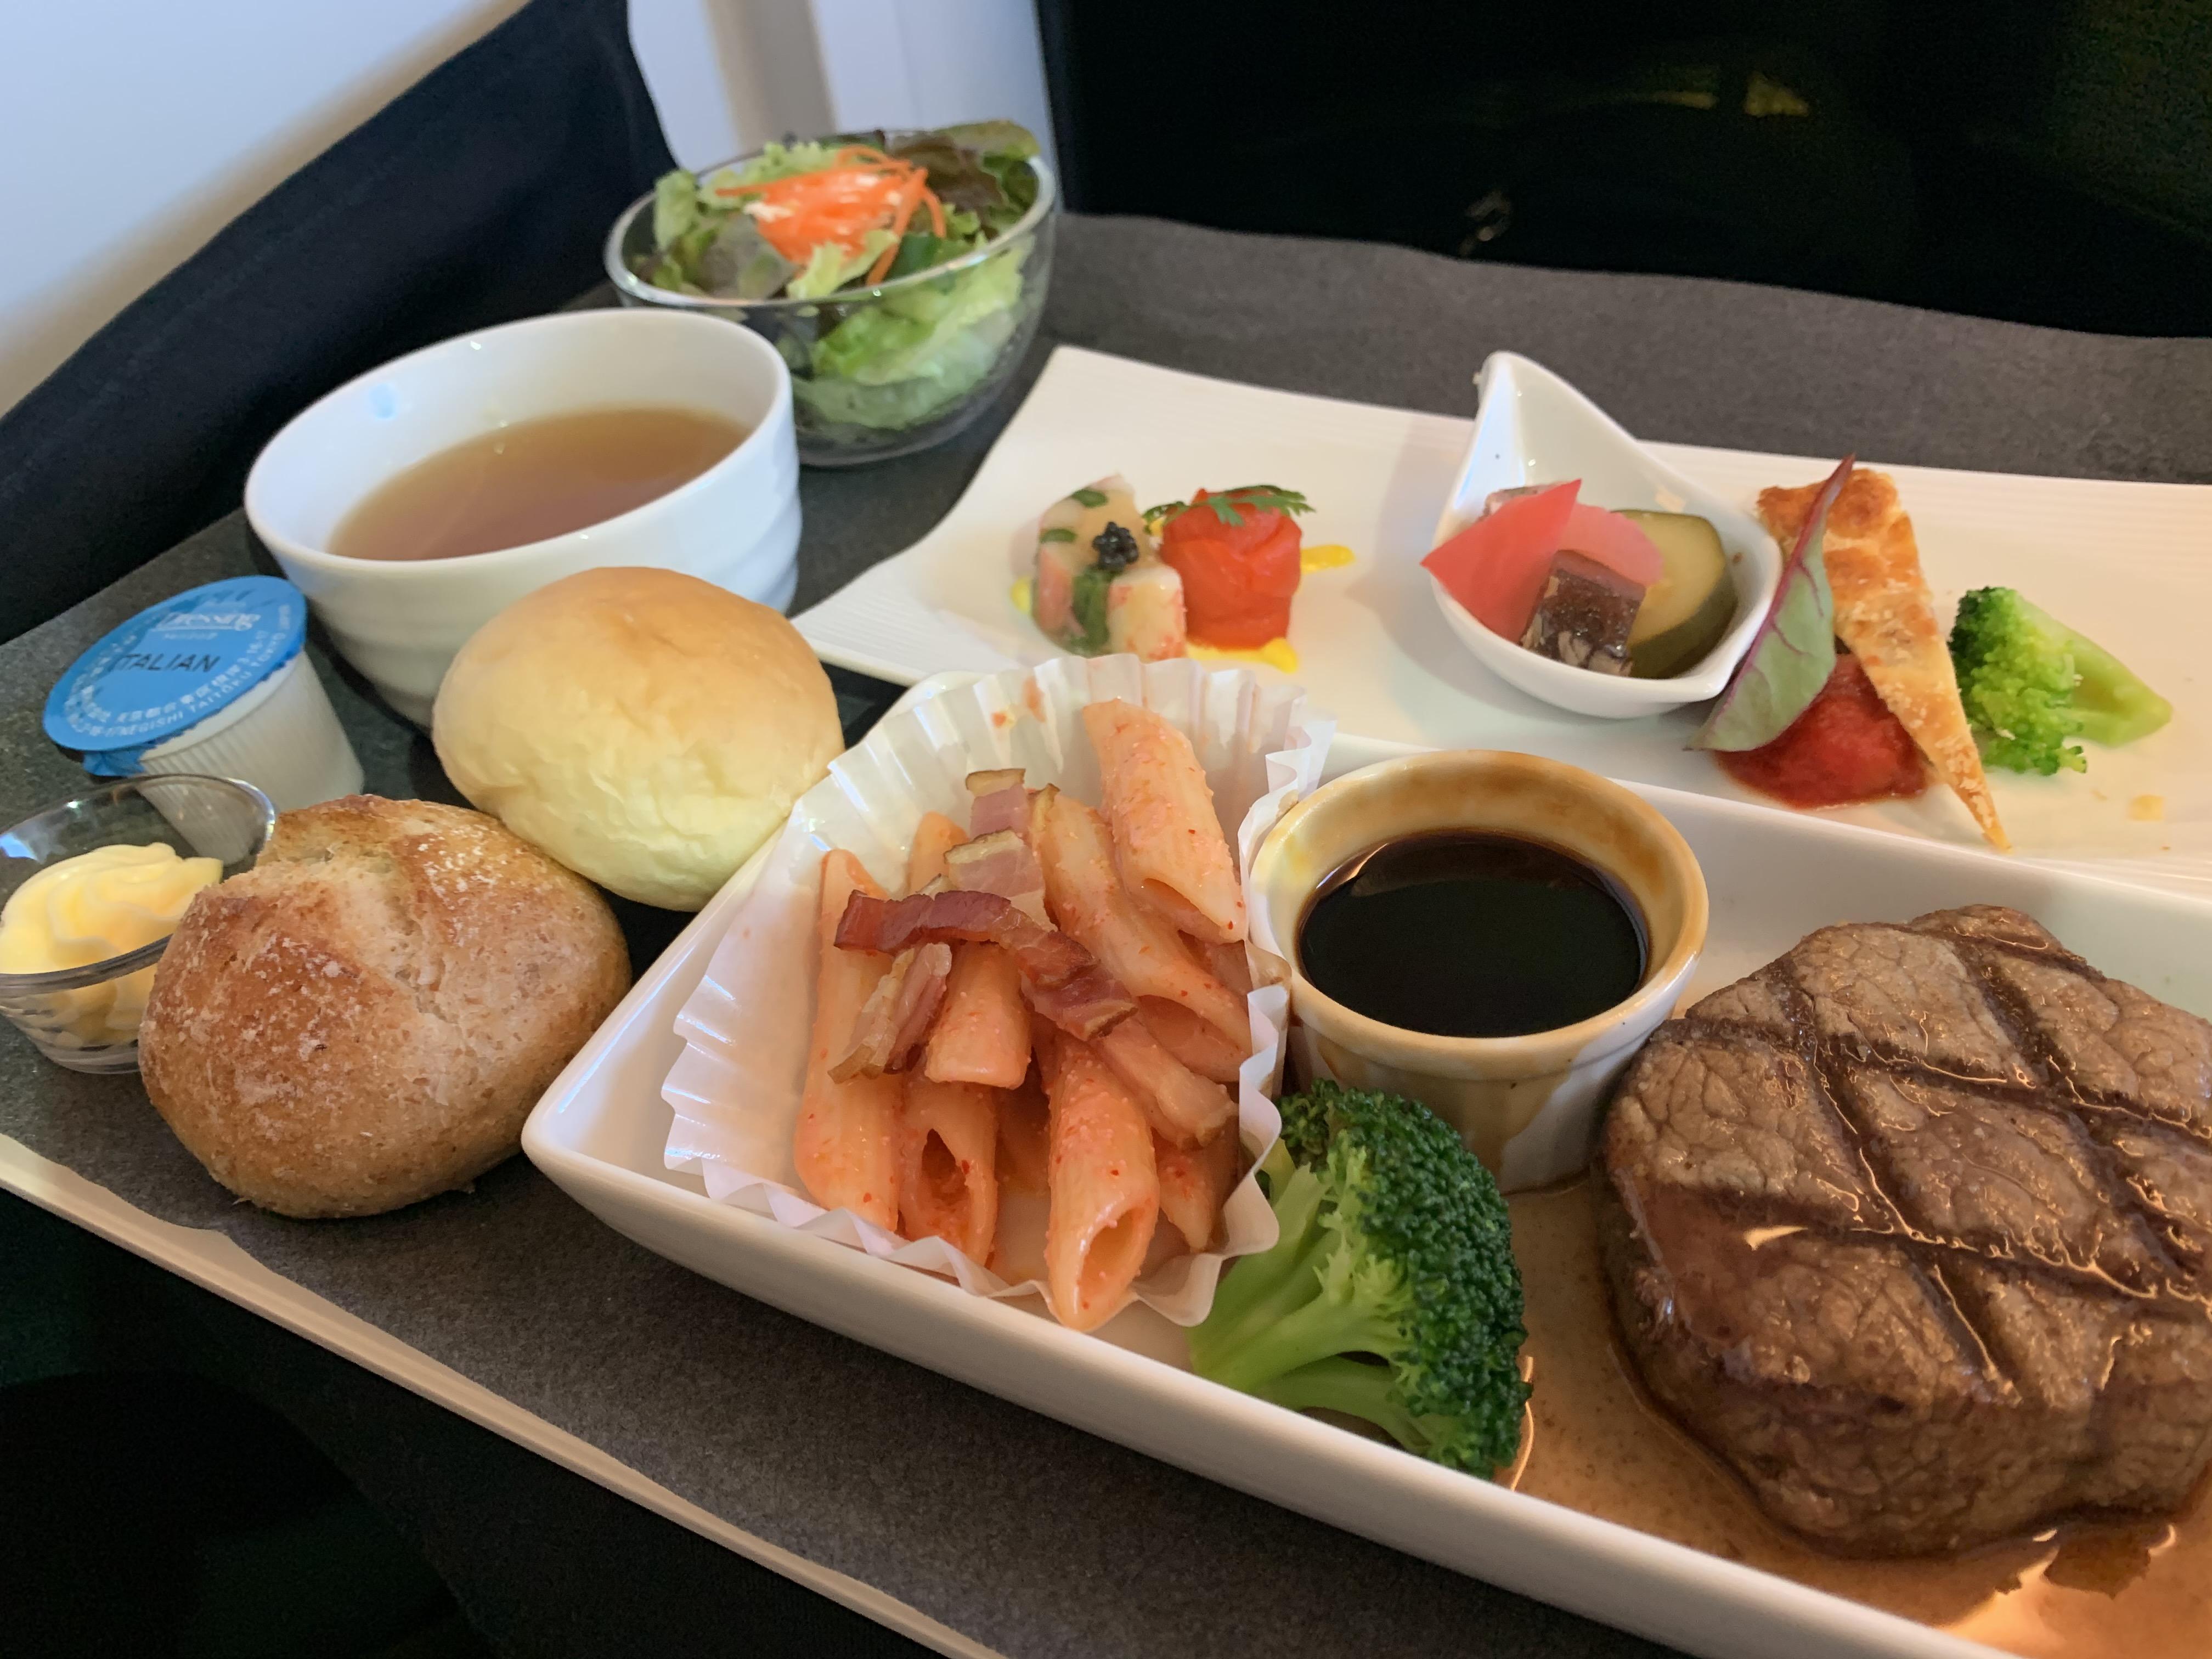 JL097 羽田-台北(松山)B777ビジネスクラス 食事